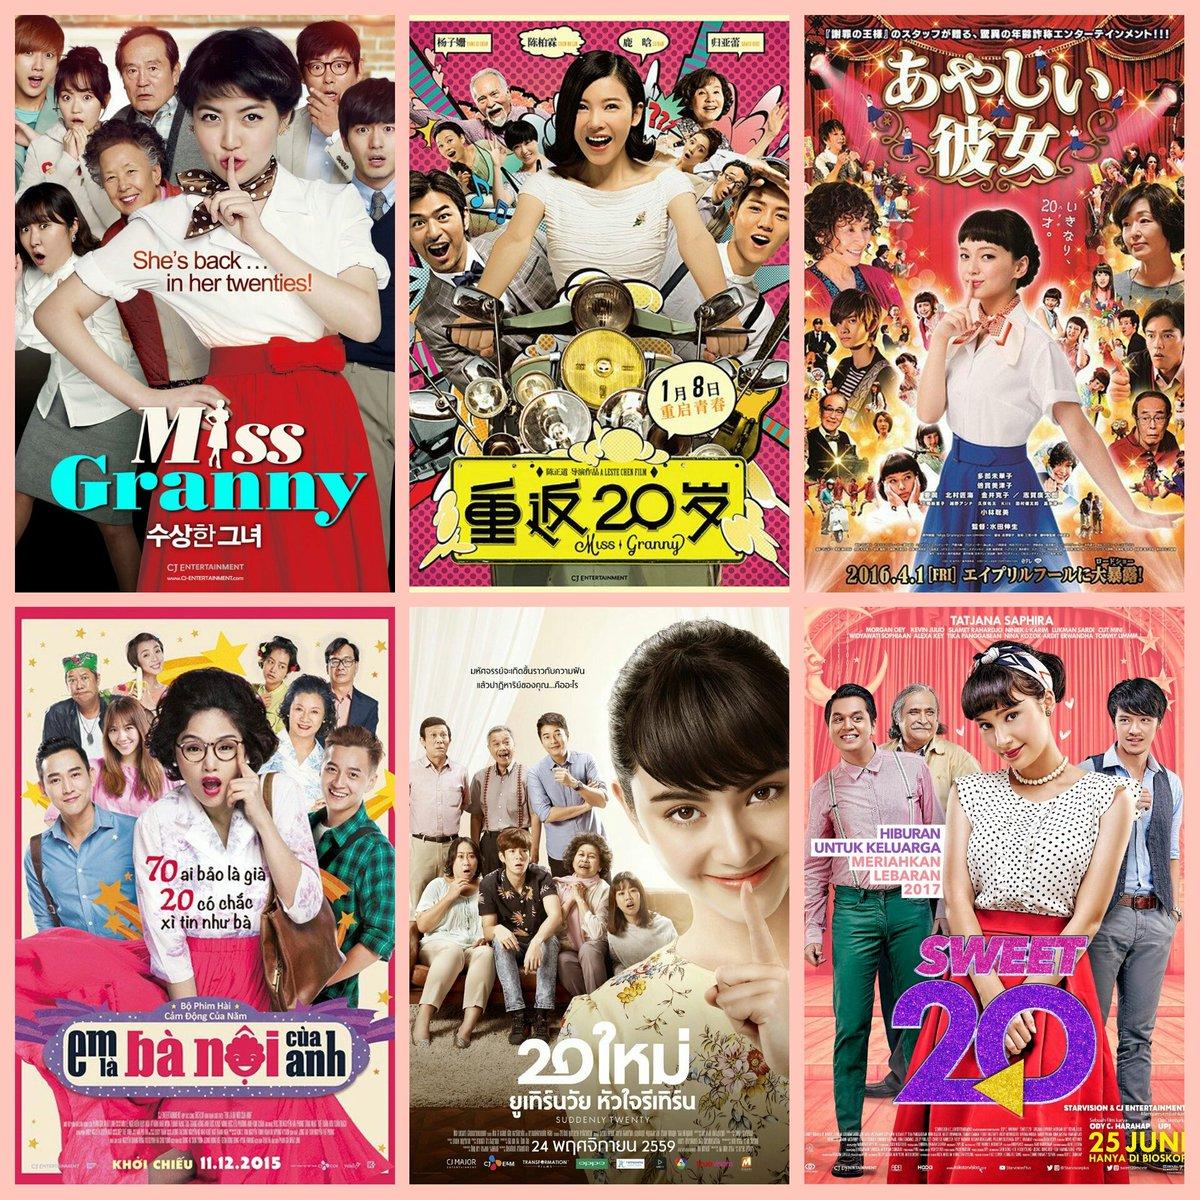 Endang Setiawati: [Review] Sweet 20 - Film Adaptasi dengan